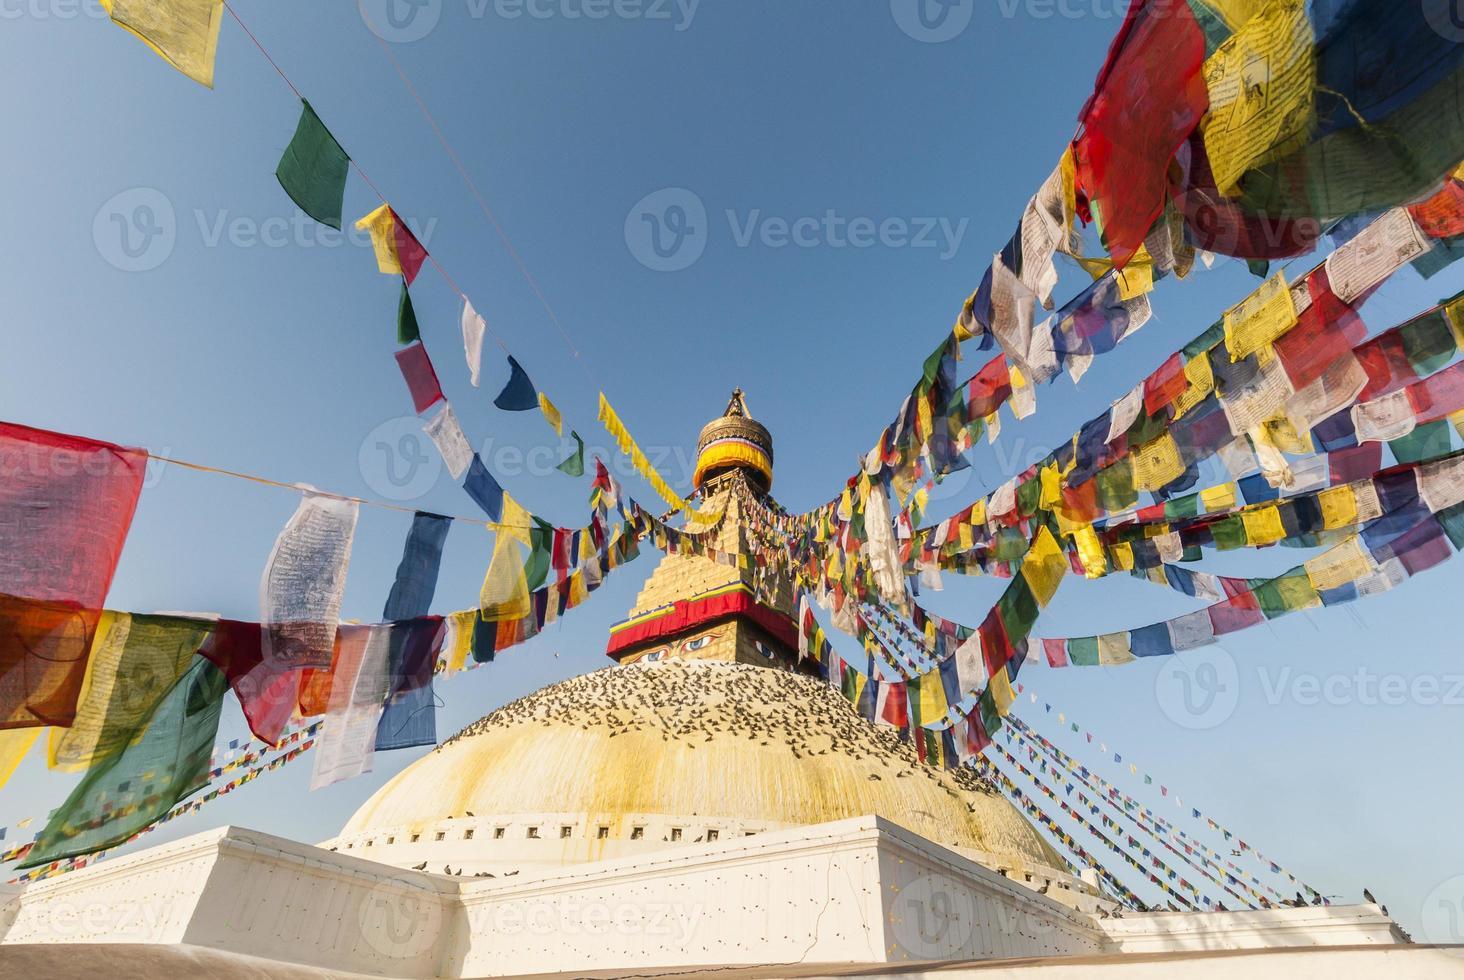 Bodhnath Stupa with Prayer Flags, Kathmandu, Nepal photo